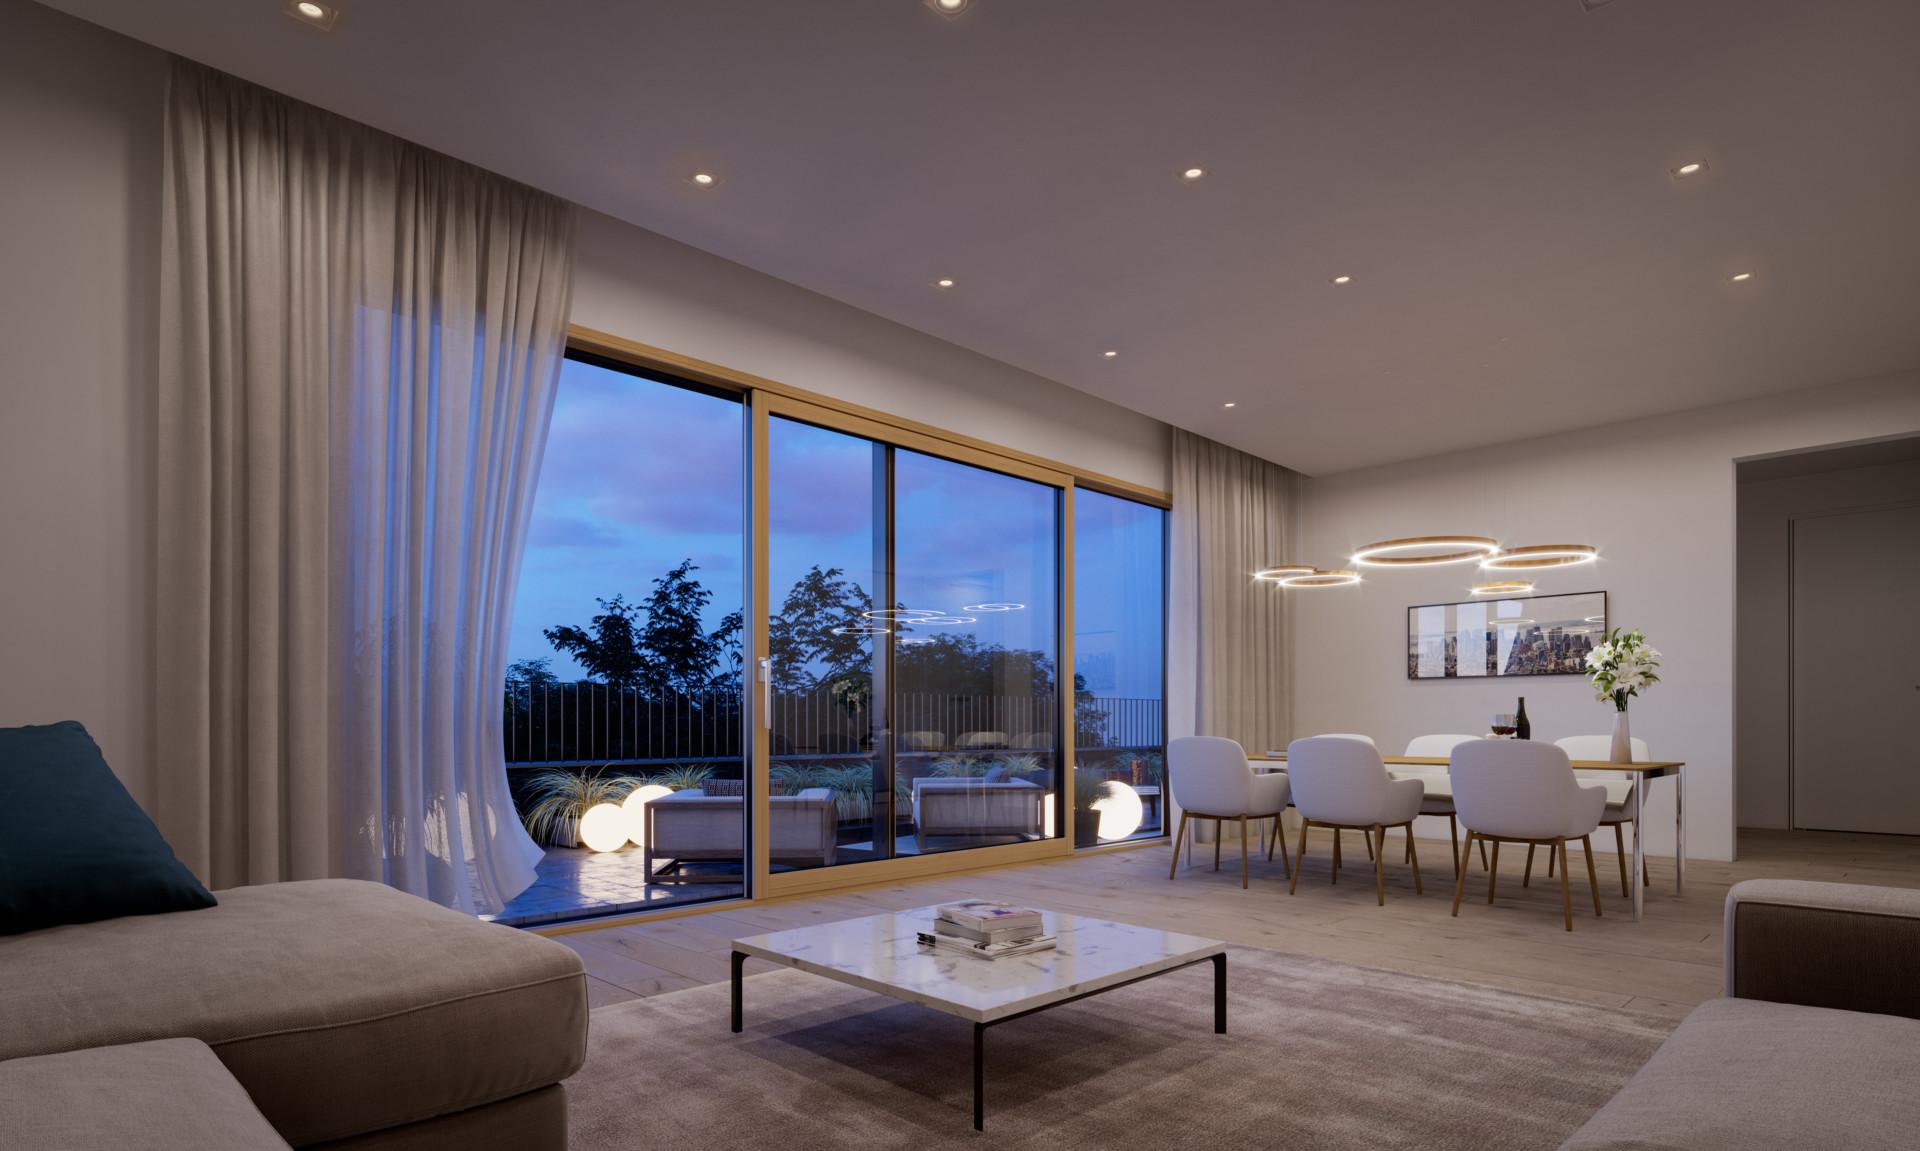 Groendael-penthouse-in-machelen